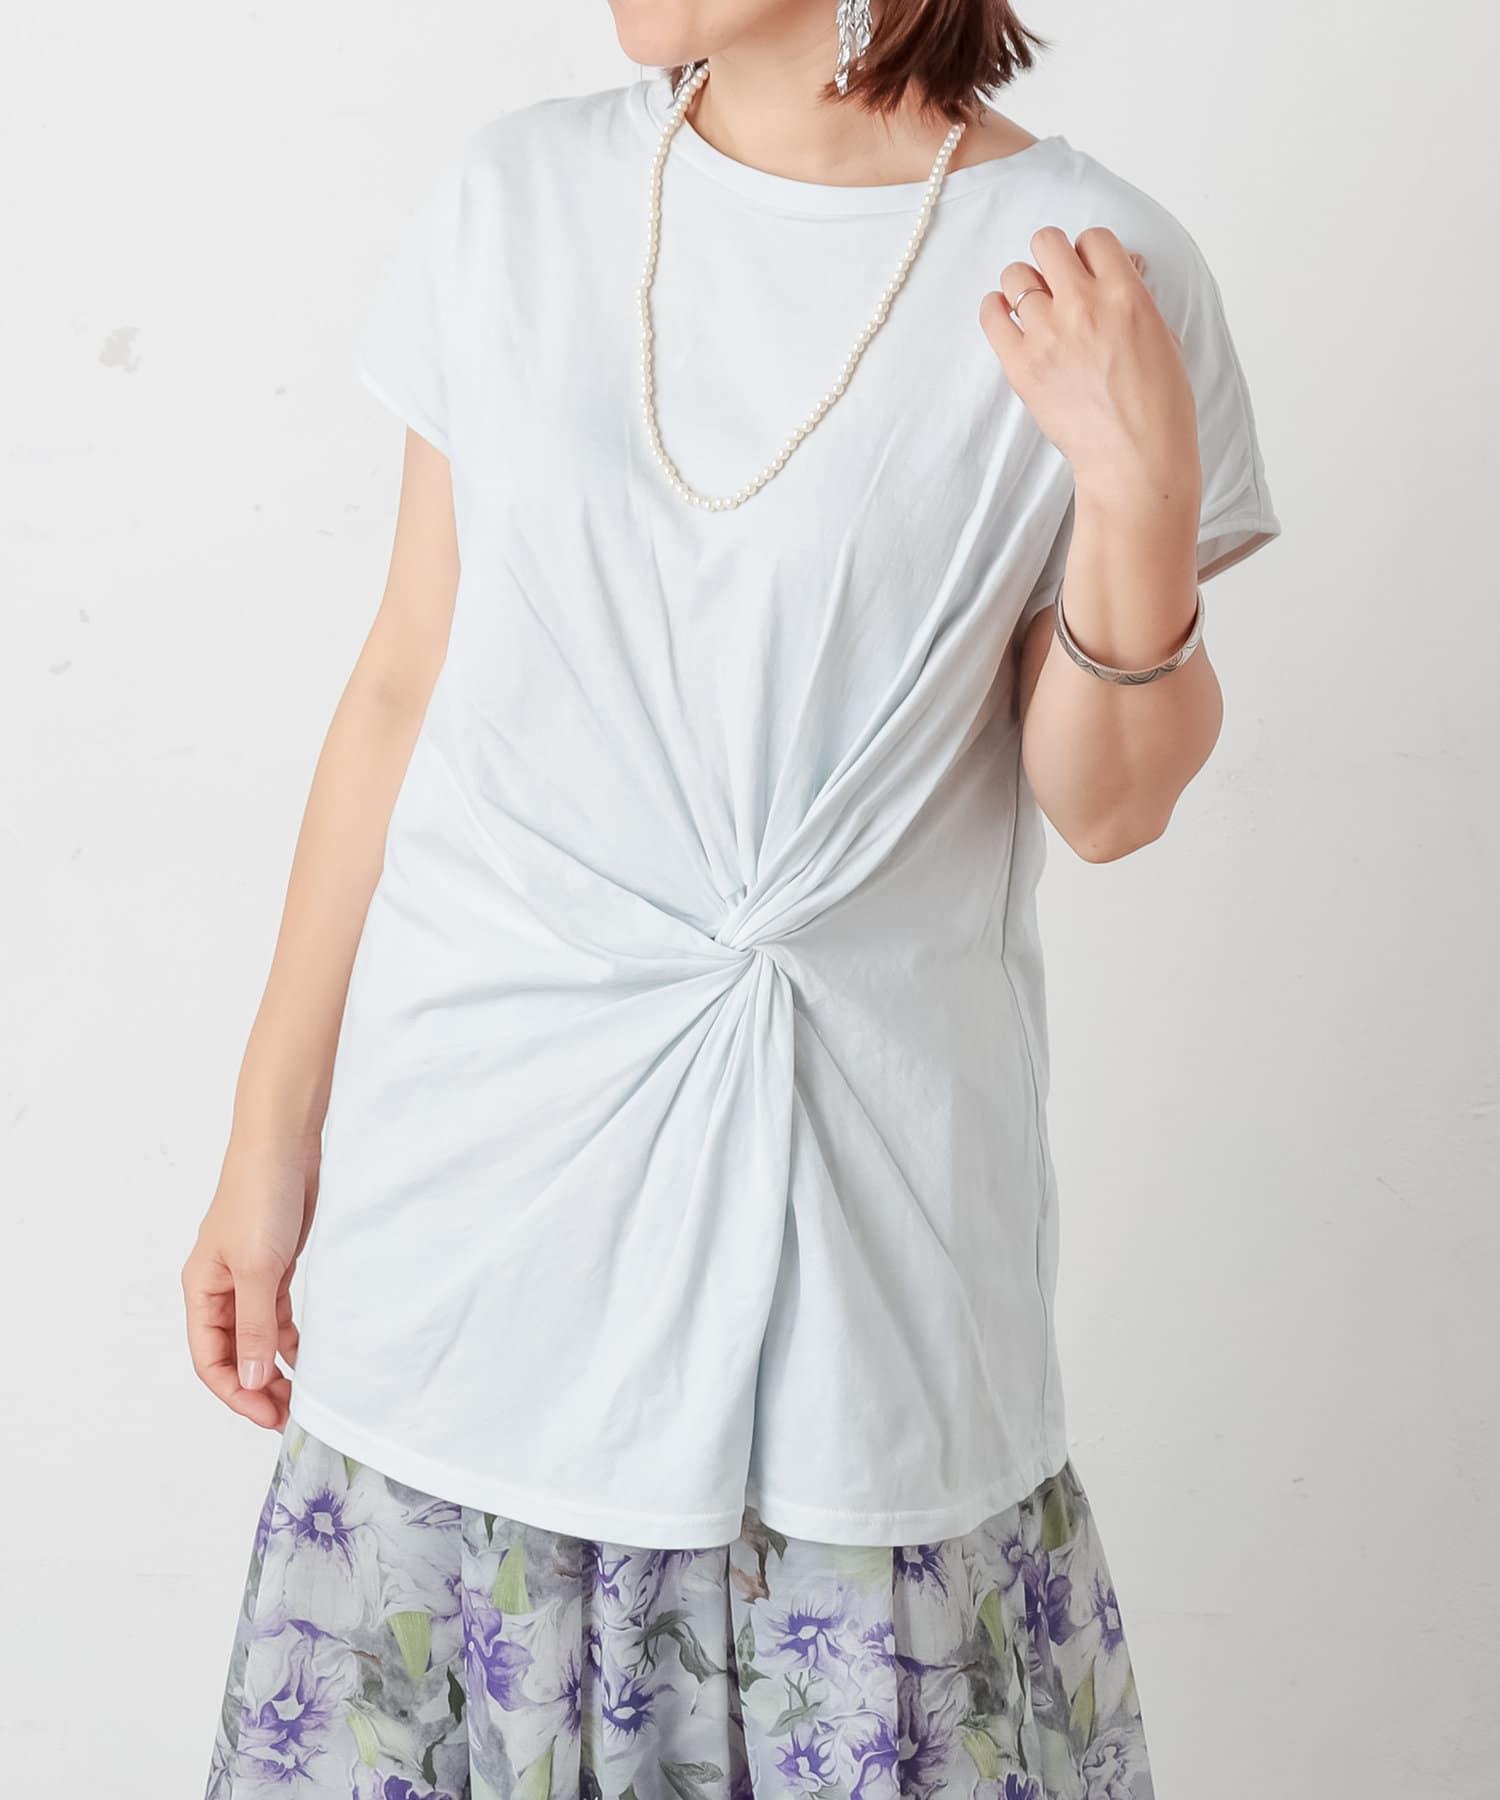 PLUS OTO.HA(プラス オトハ) ボタニカル染めやわらかTシャツ